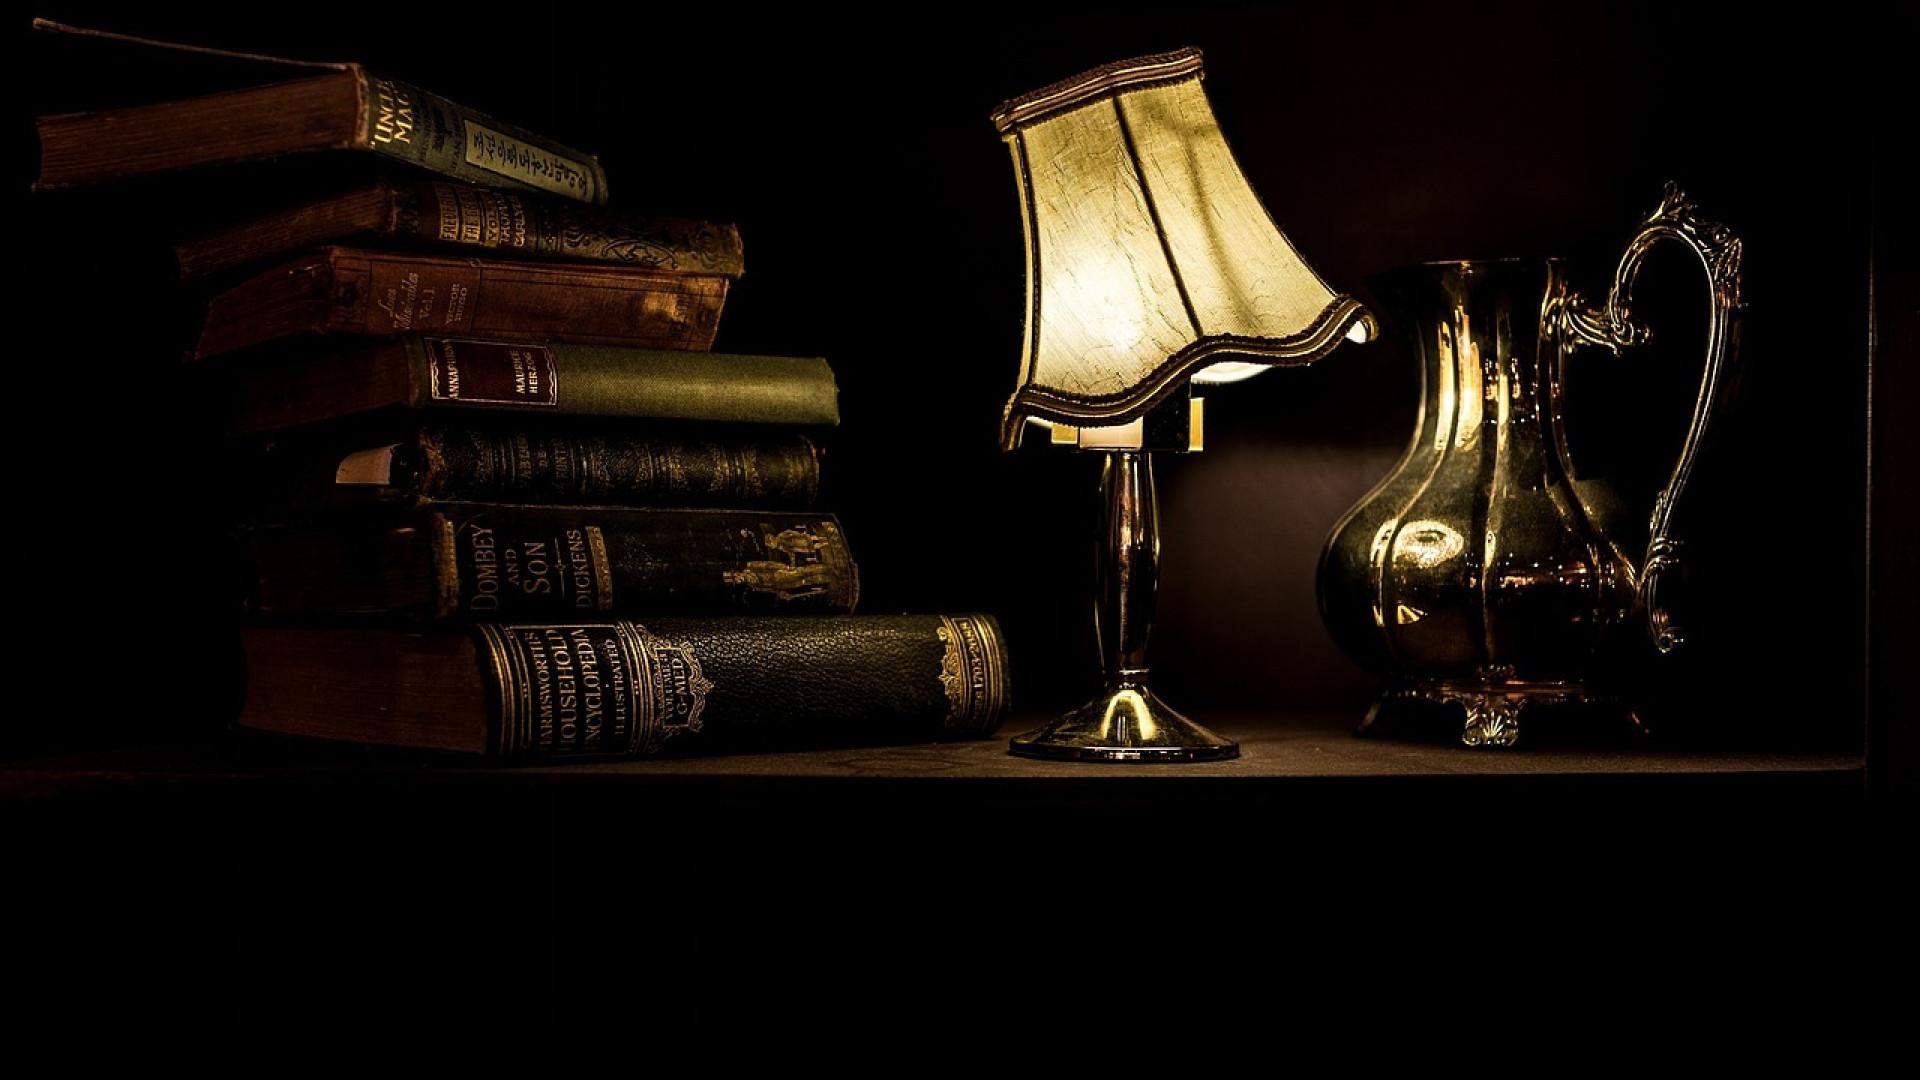 149f3ed791e3cd068752c04f79500376 - Comment choisir sa lampe à poser pour améliorer votre déco ?